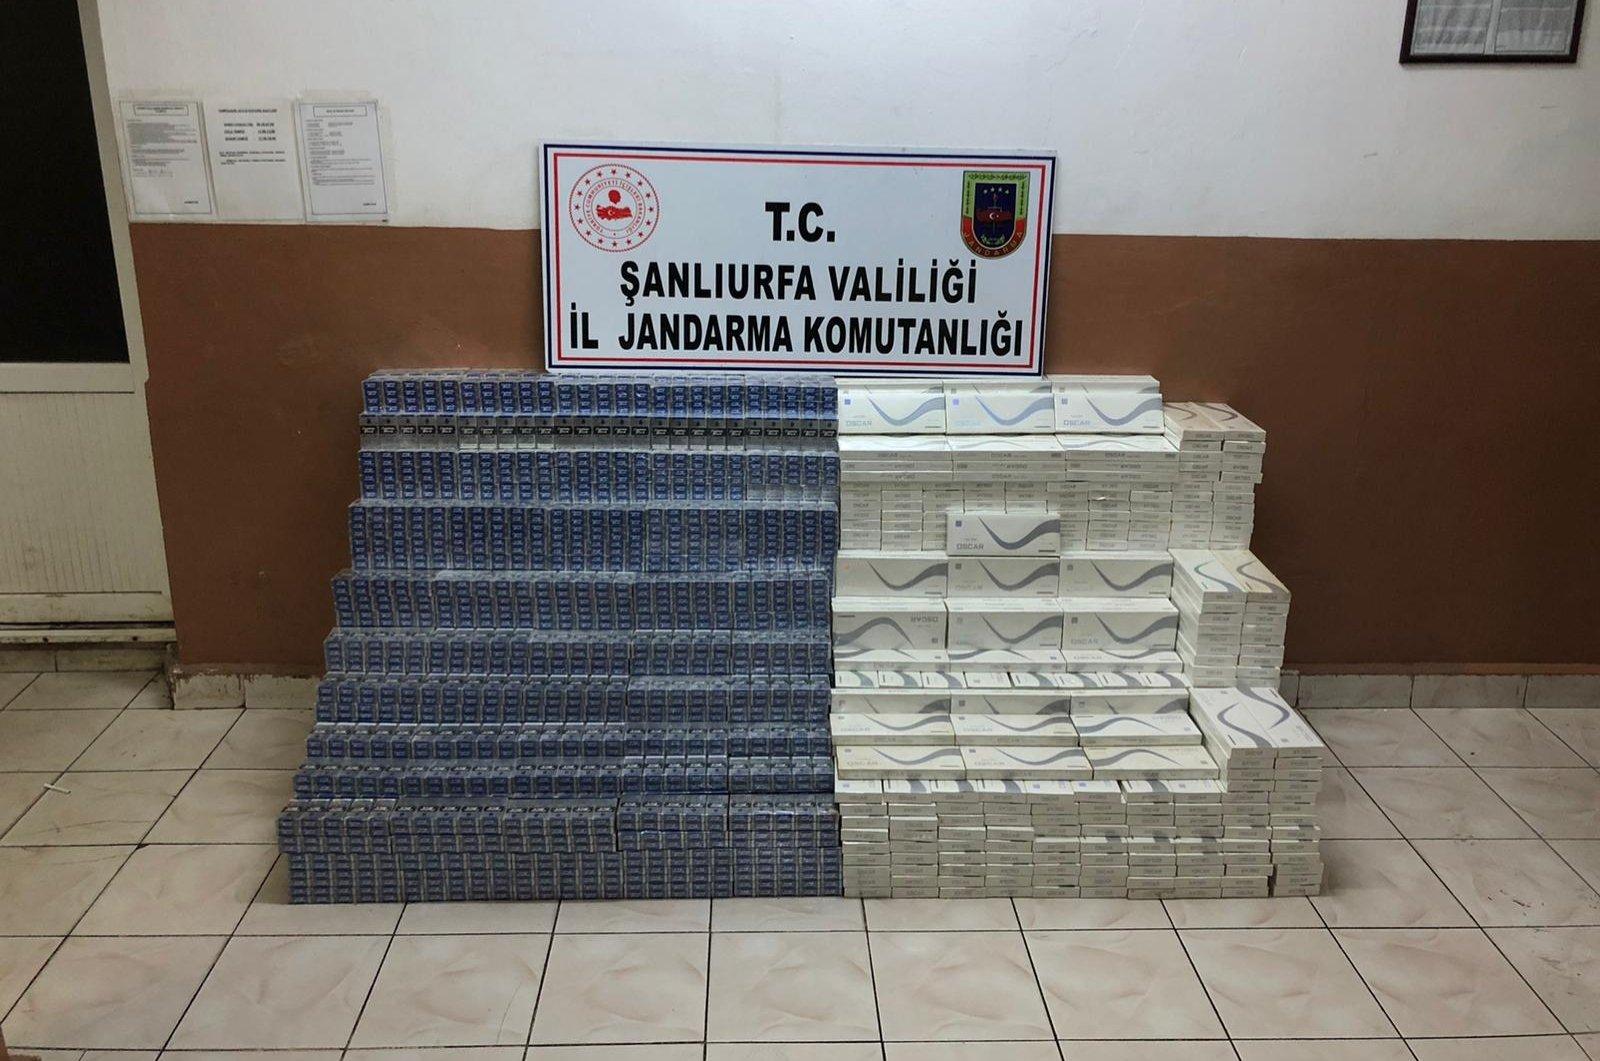 Smuggled cigarettes on display at Şanlıurfa Gendarmerie Command headquarters, in Şanlıurfa, southeastern Turkey, Aug. 7, 2020. (AA Photo)